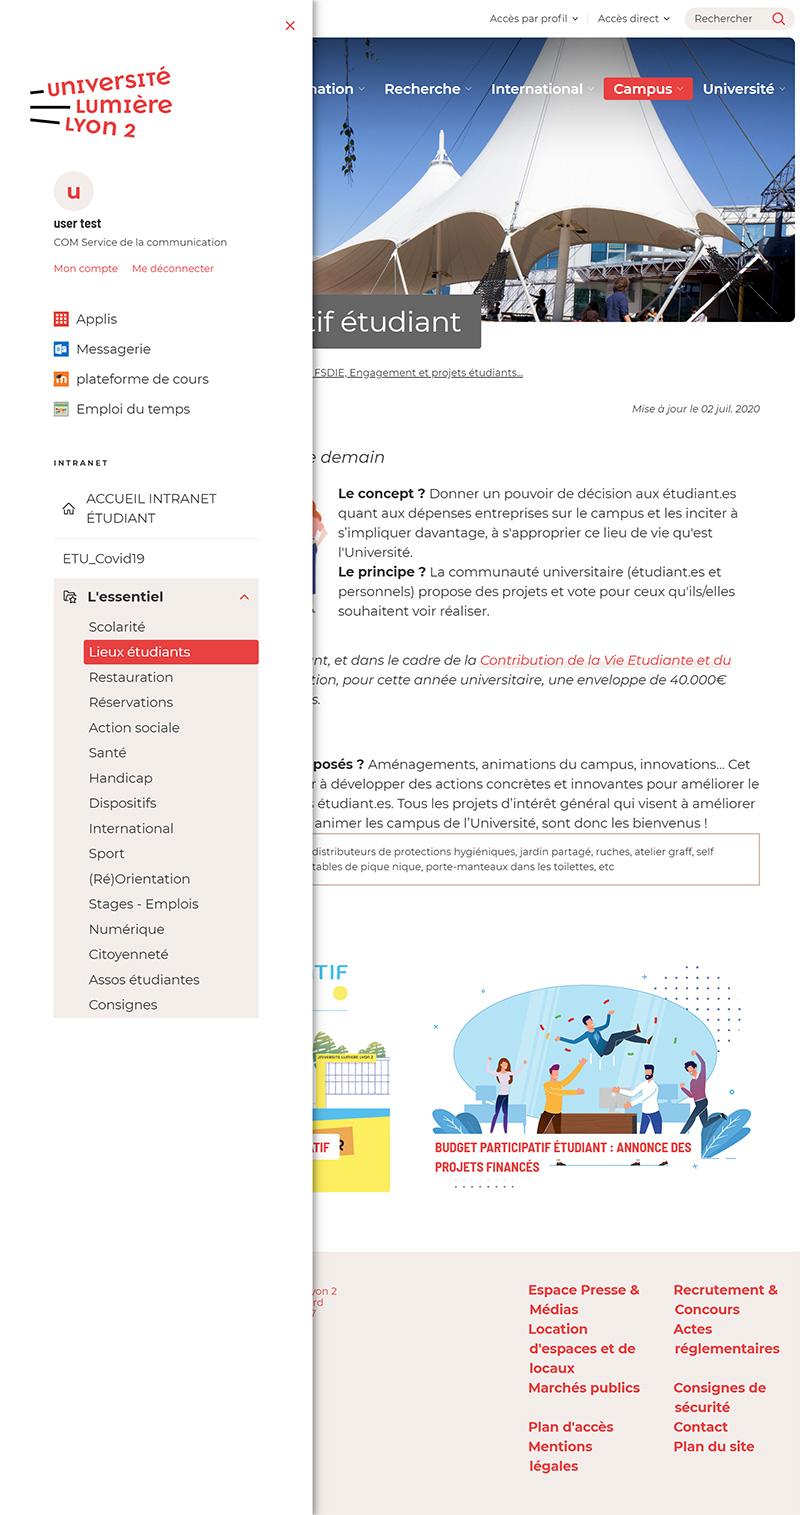 Page web en cours de consultation avec menu intranet